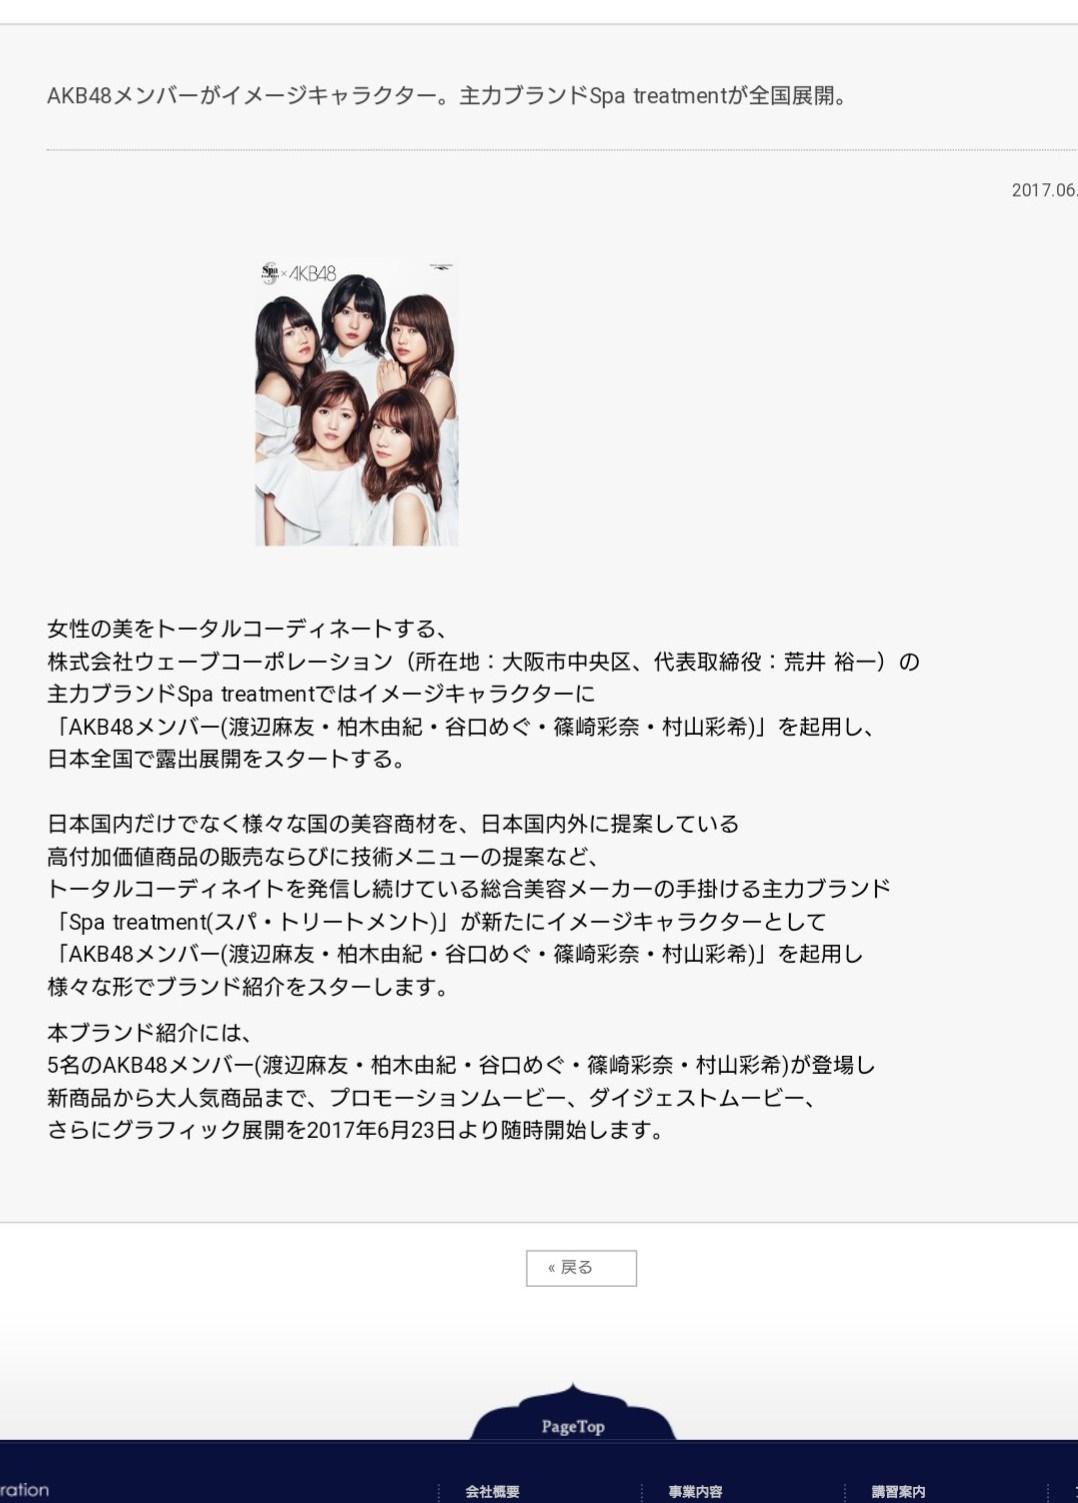 スパトリートメント AKB48